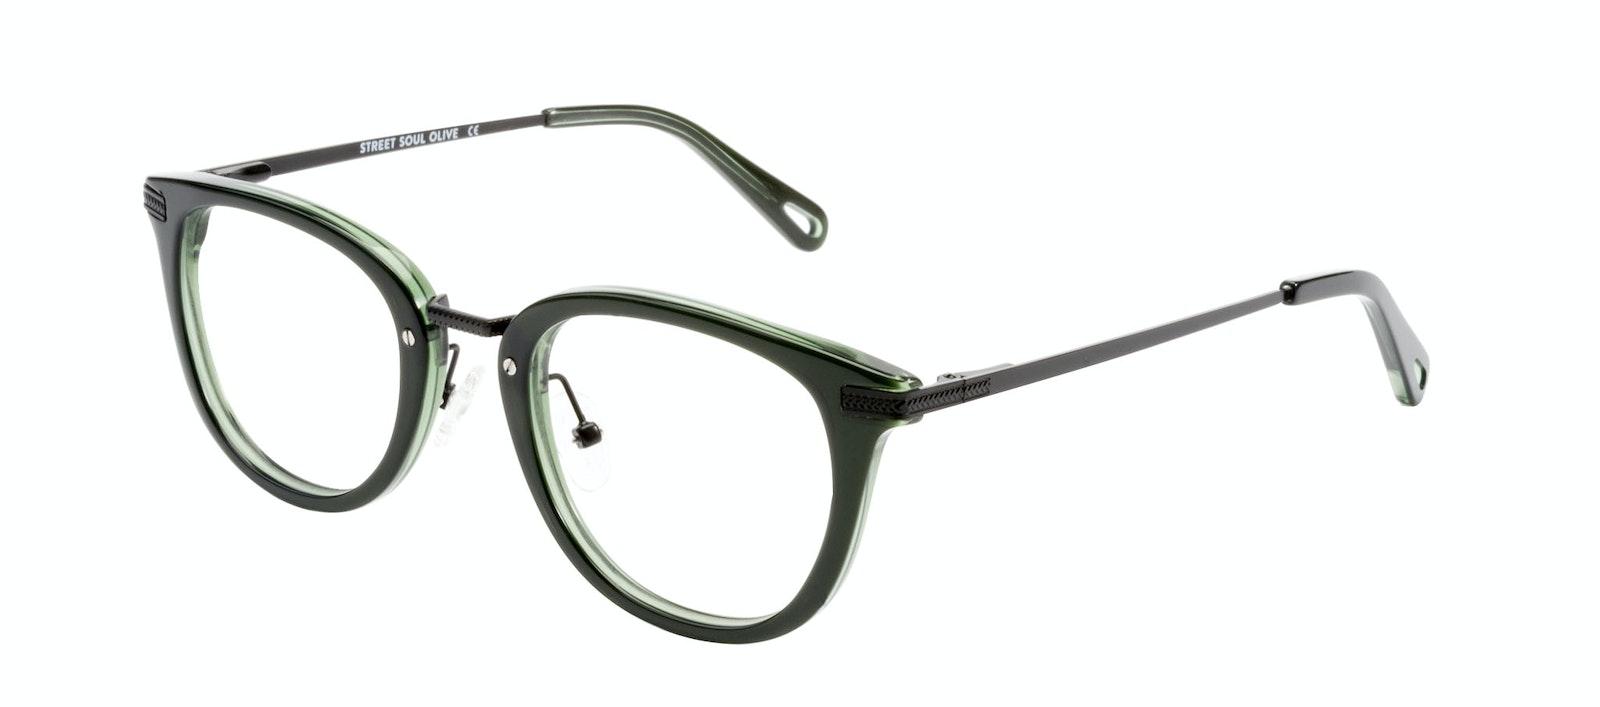 Affordable Fashion Glasses Rectangle Square Eyeglasses Men Street Soul Olive Tilt